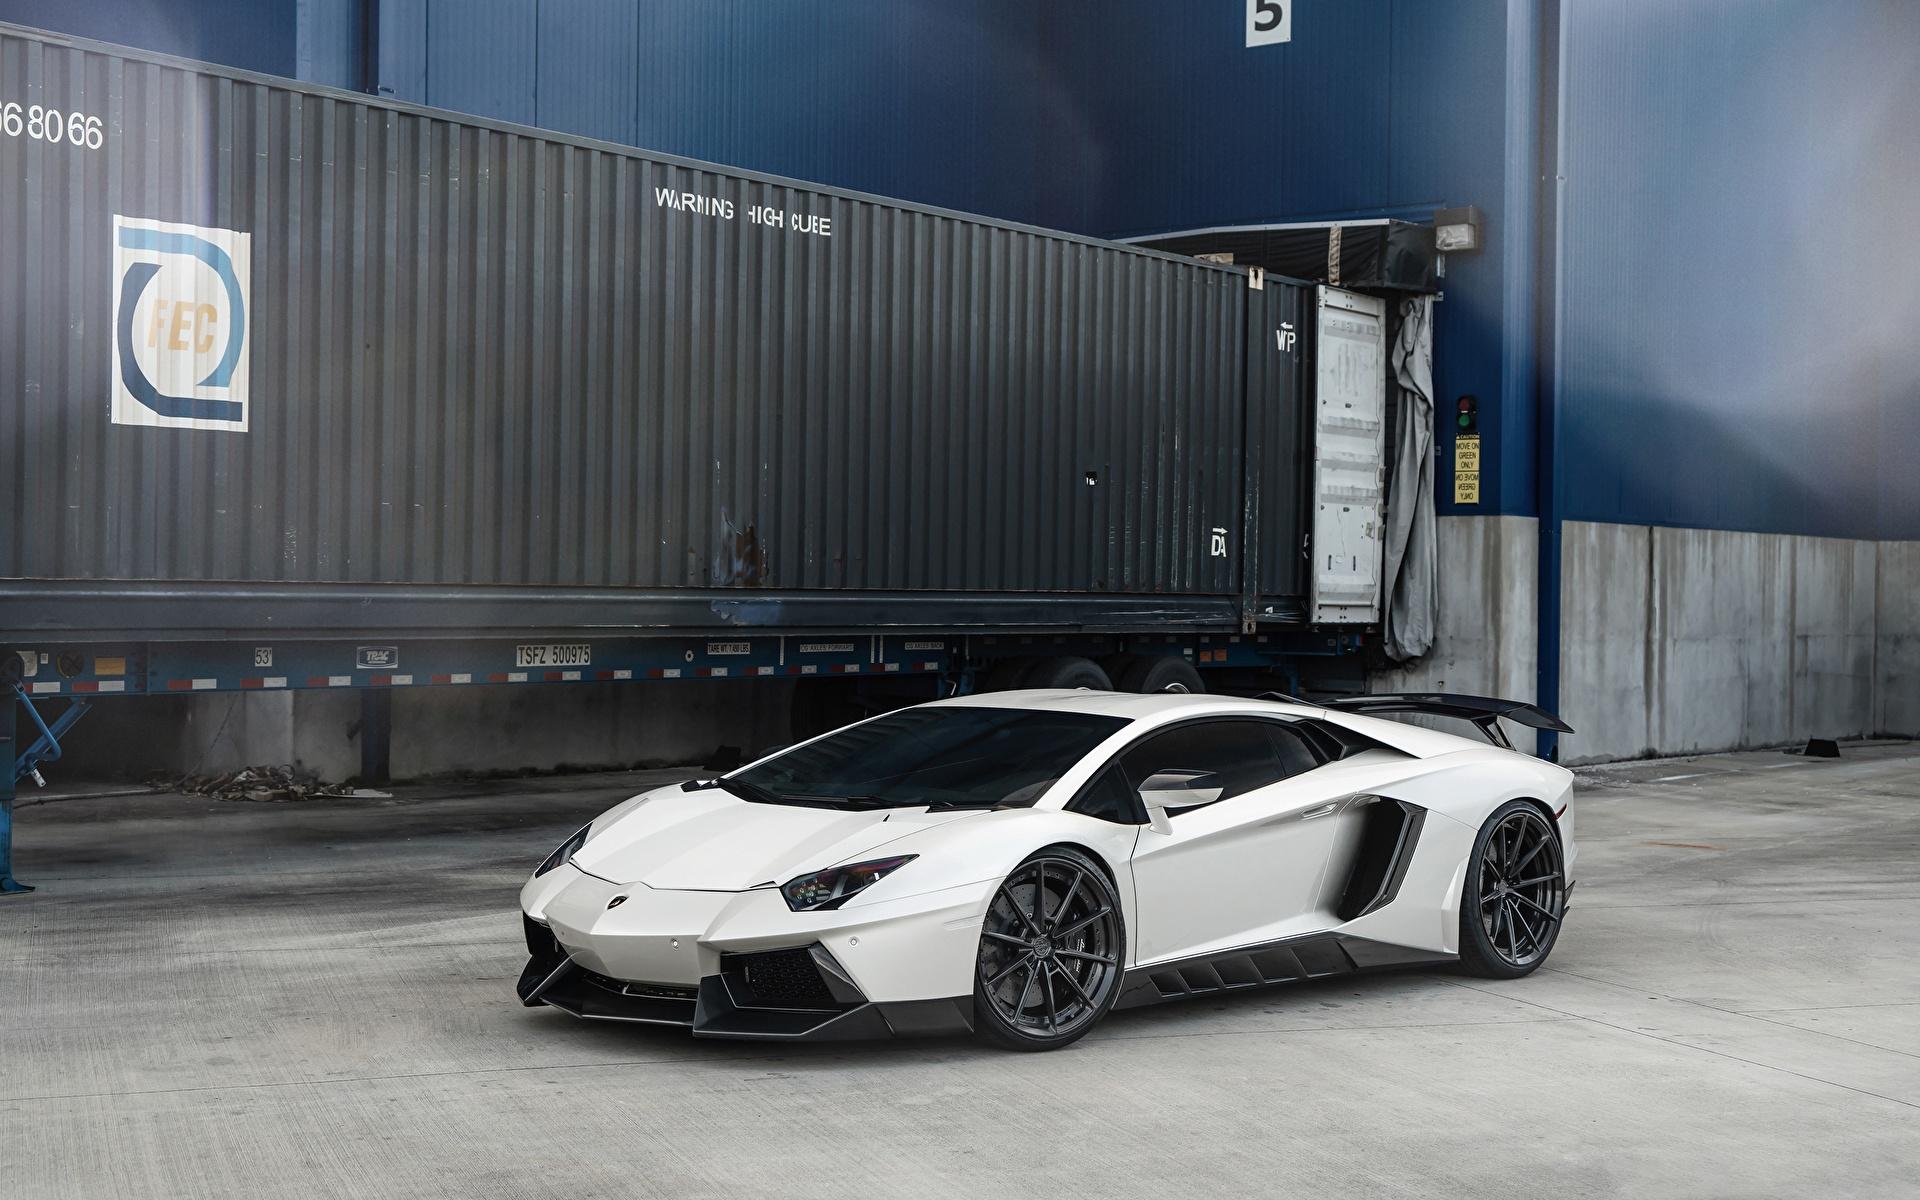 Фотография Ламборгини LP700 ANRKY AN28 белых машина 1920x1200 Lamborghini белая белые Белый авто машины Автомобили автомобиль